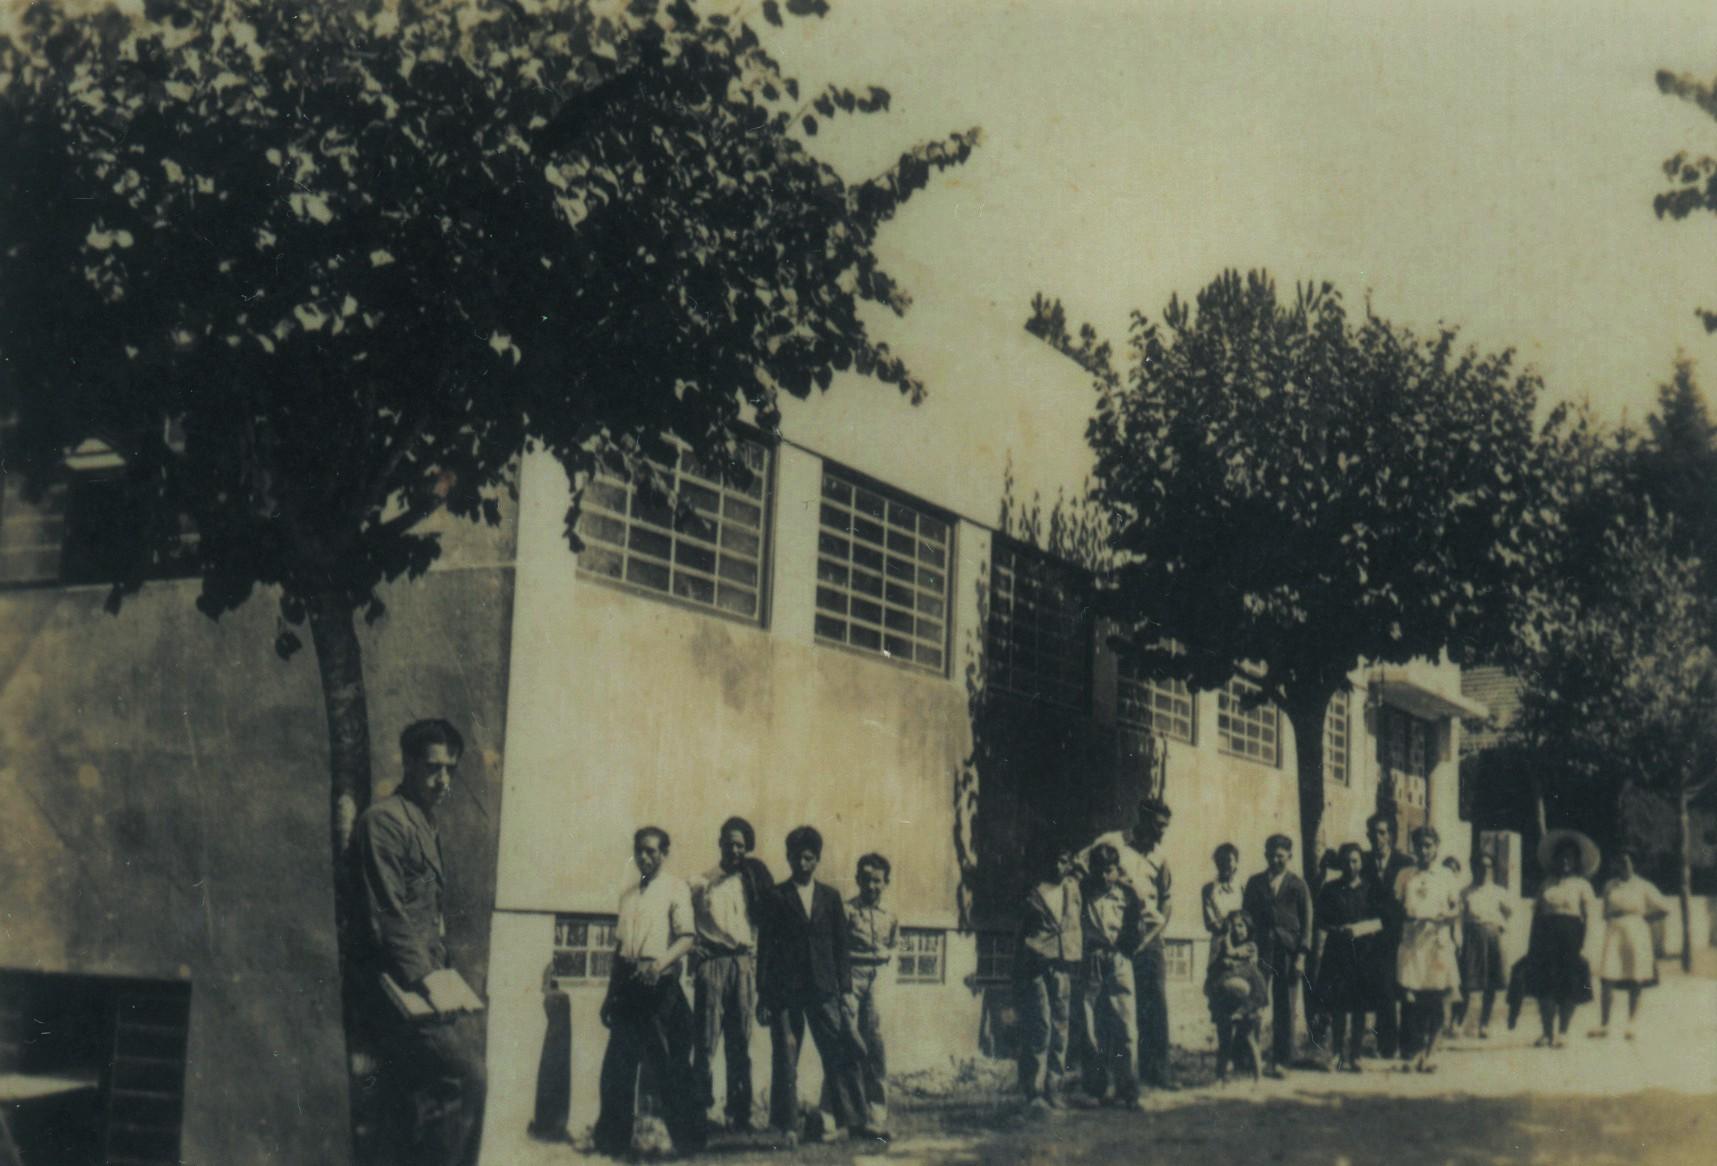 Fábrica de vidros Sival, La Salette (1944)